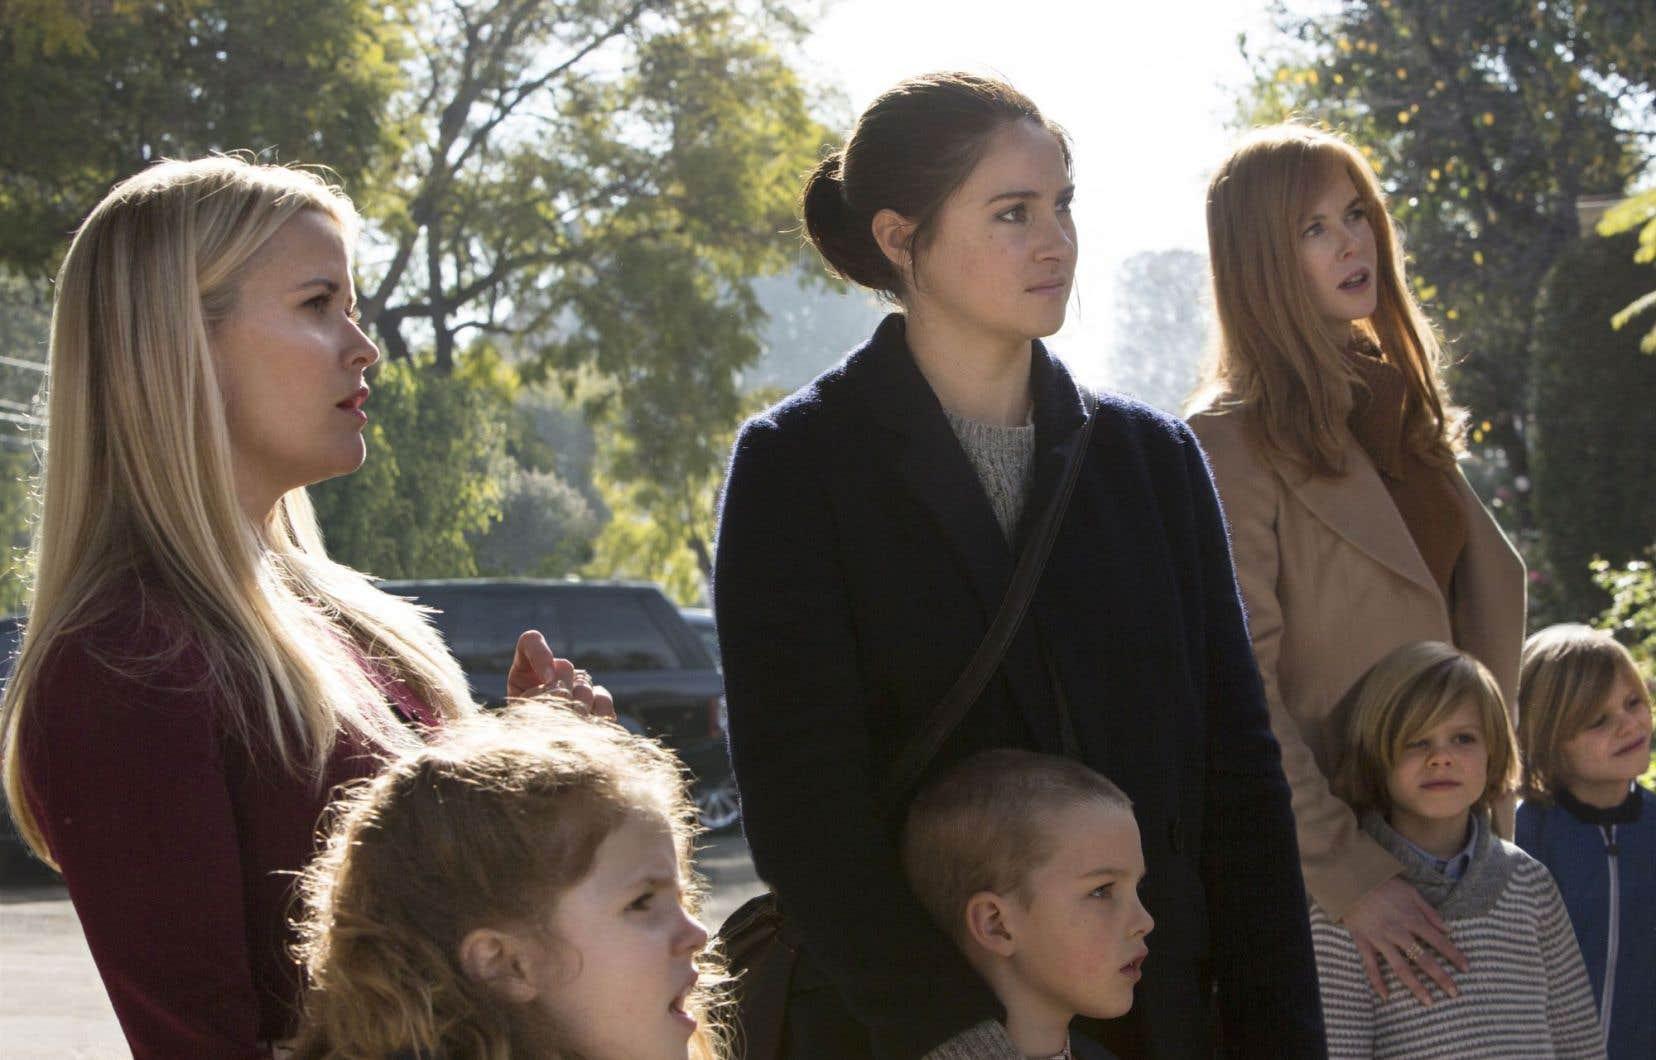 «Big Little Lies», qui compte sept épisodes, met notamment en vedette Reese 9483d79c0d06